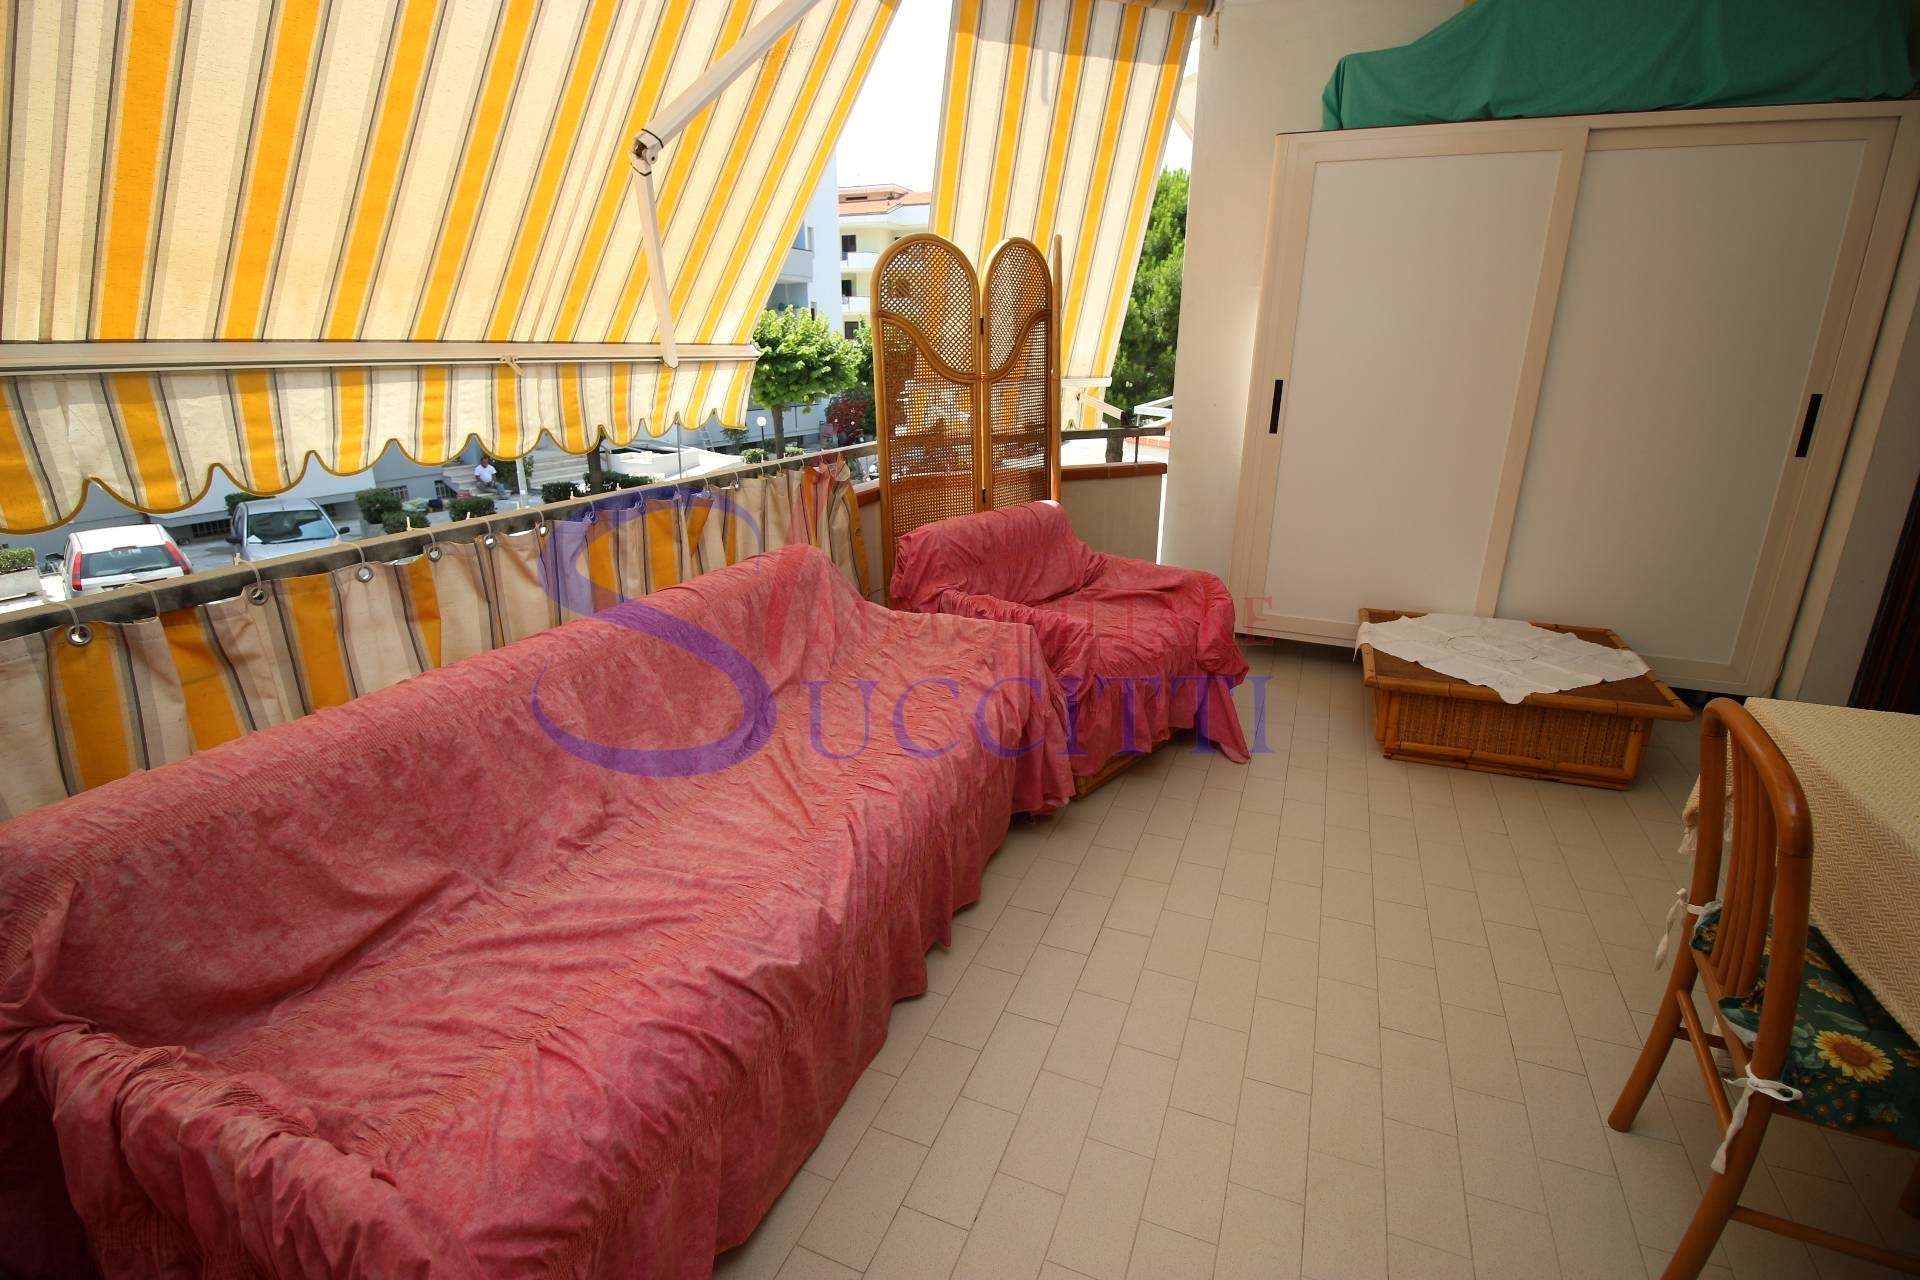 Appartamento in vendita a Alba Adriatica, 2 locali, prezzo € 98.000 | CambioCasa.it